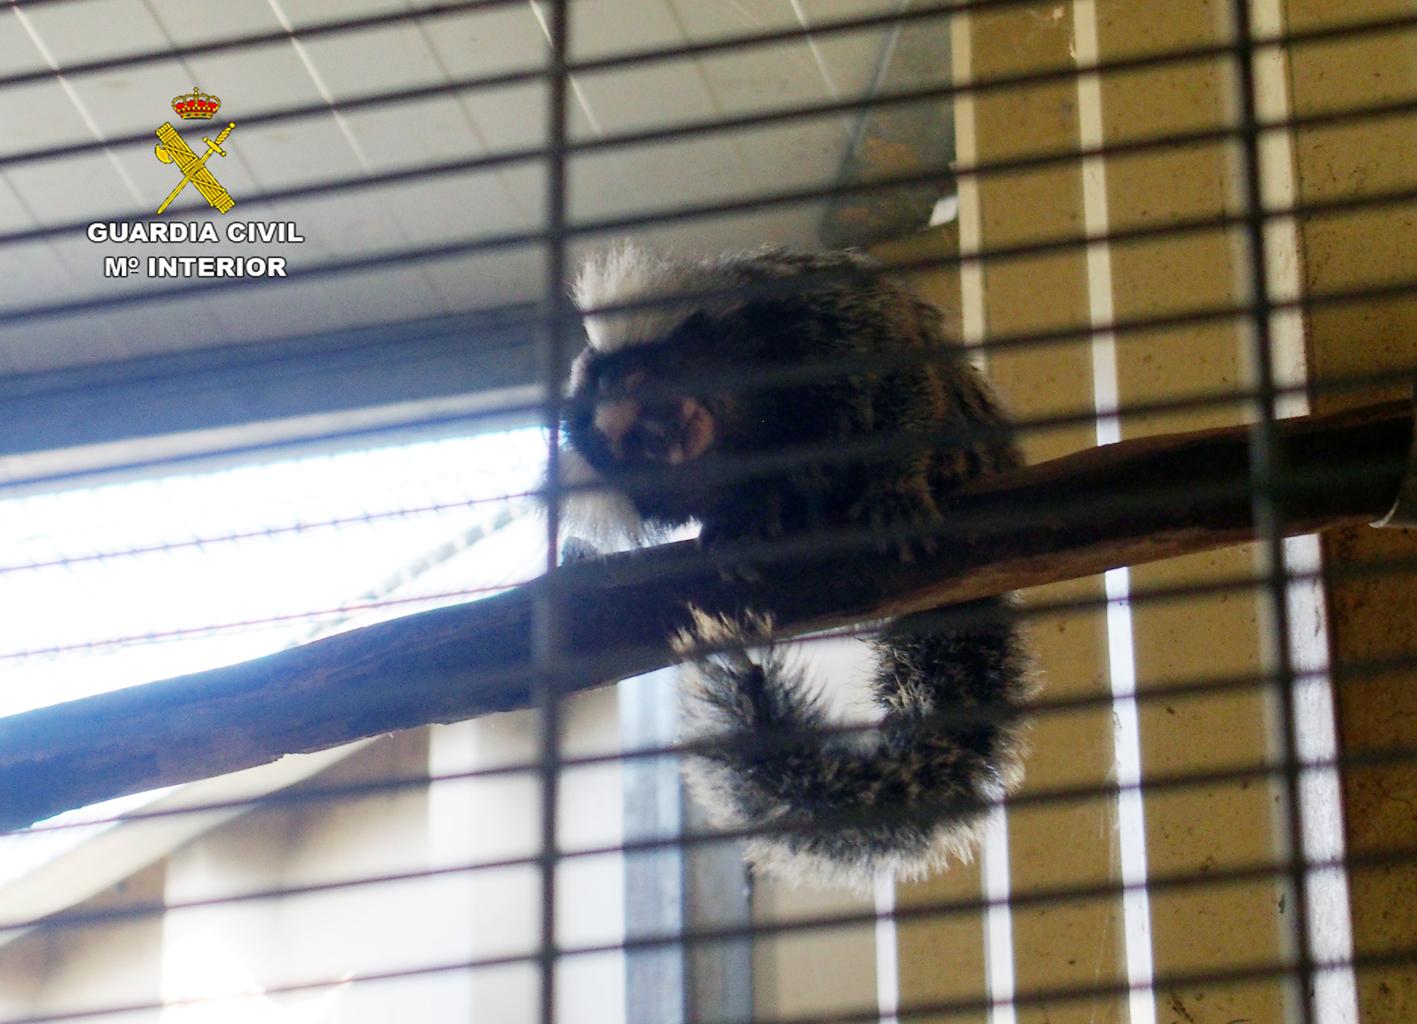 Tití de pincel blanco, uno de los primates incautados por el Seprona en la Región de Murcia. Imagen: Seprona